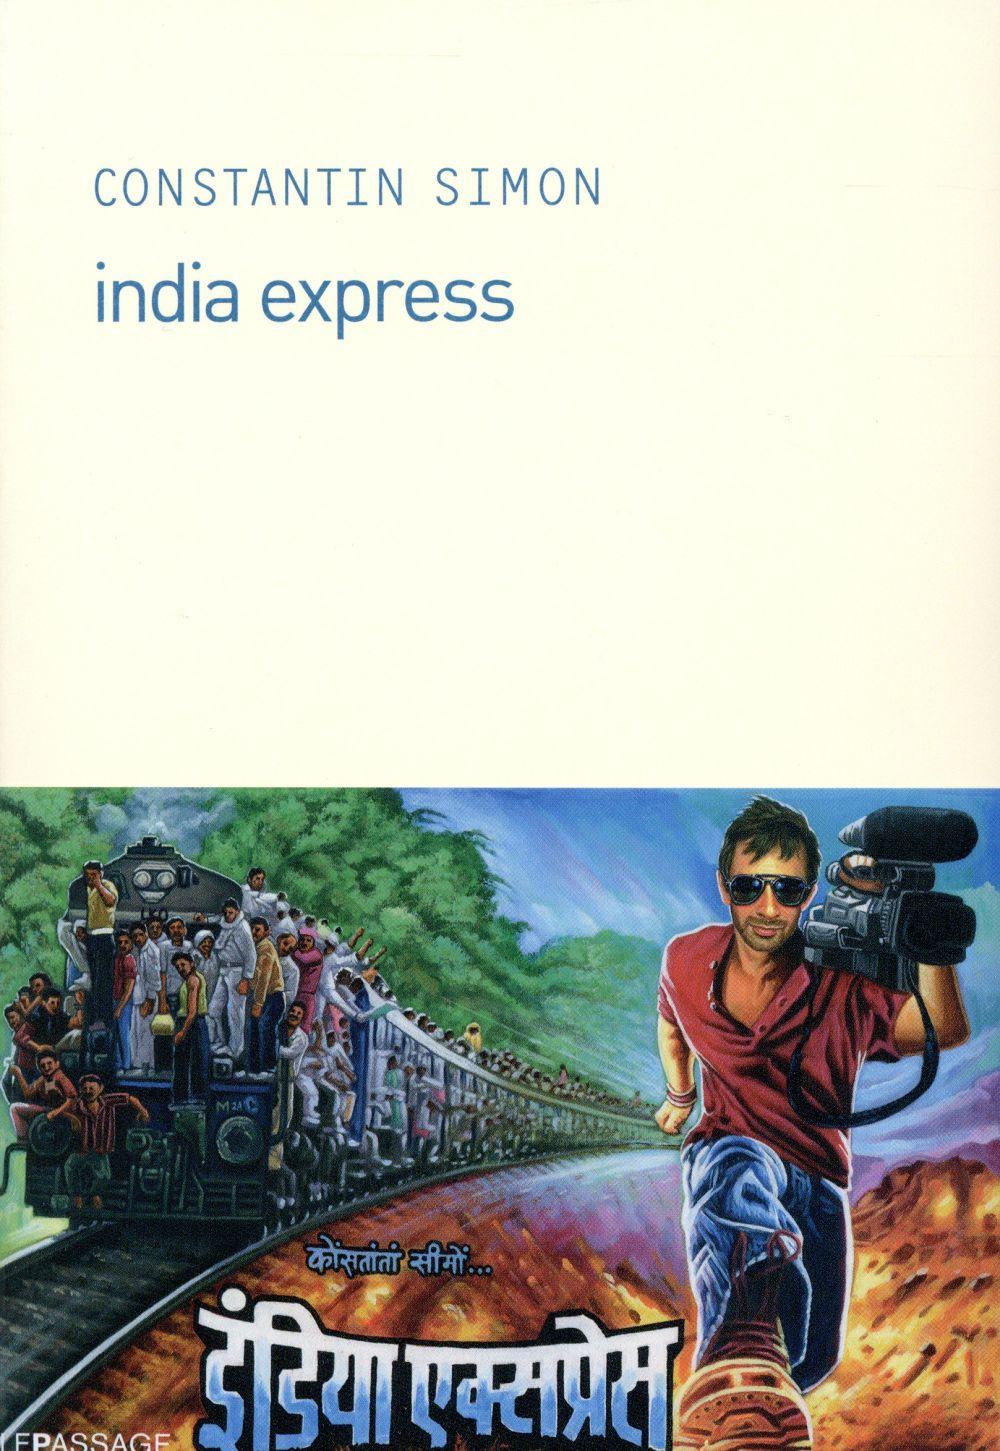 """La chronique #7 du Club des Explorateurs : """"India Express"""" de Constantin Simon"""